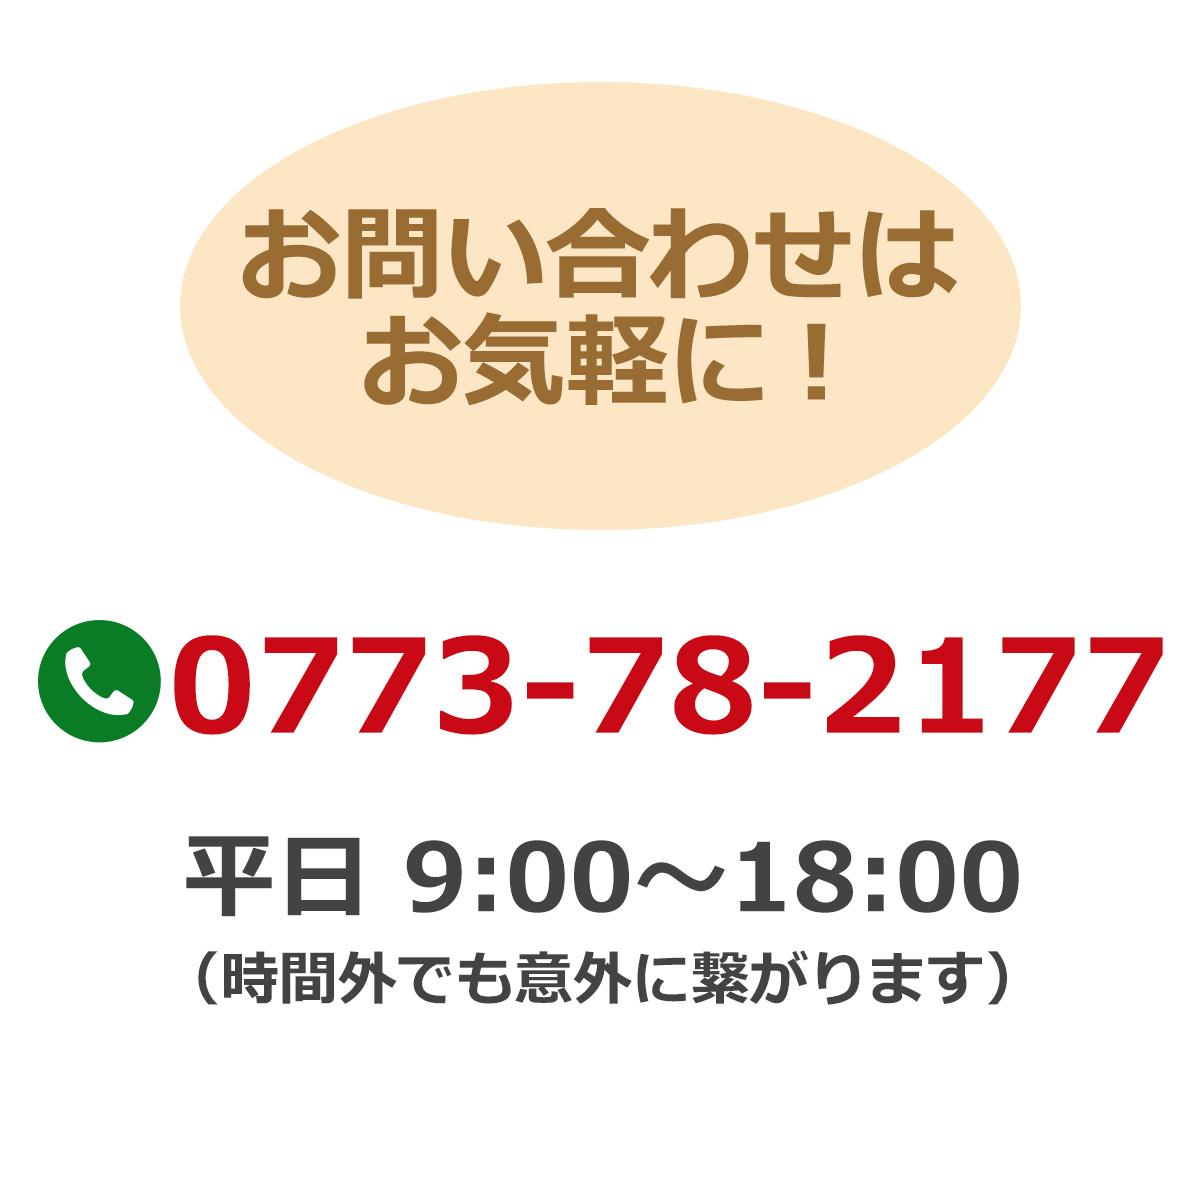 お問い合わせはお気軽に!電話番号:0773-78-2177